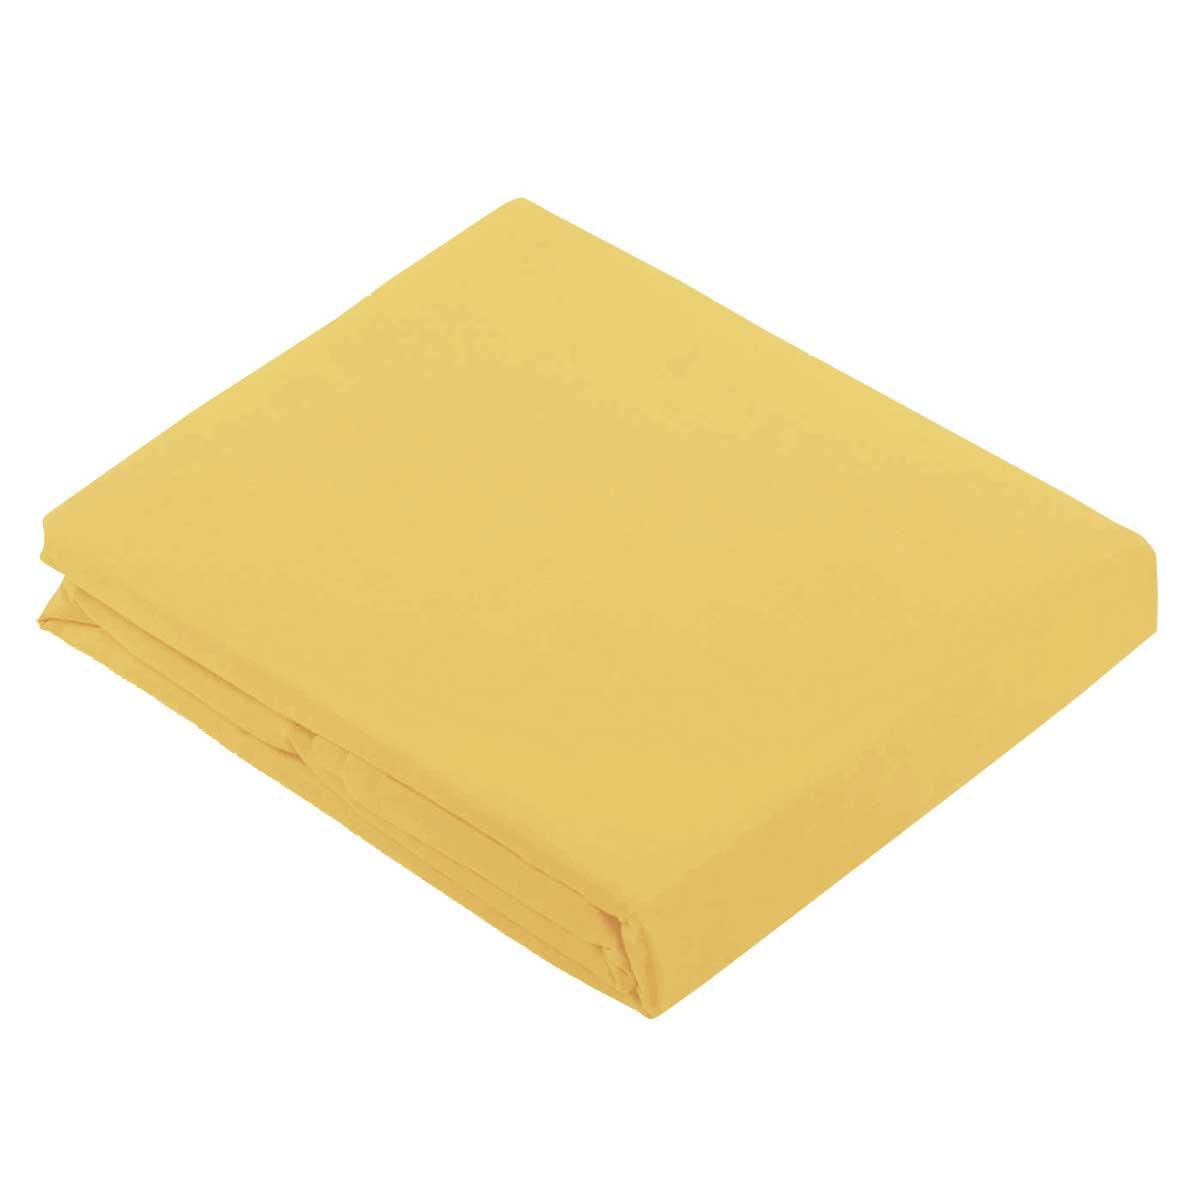 Home Maison Drap plat uni en 100 % coton coton paille 290x180